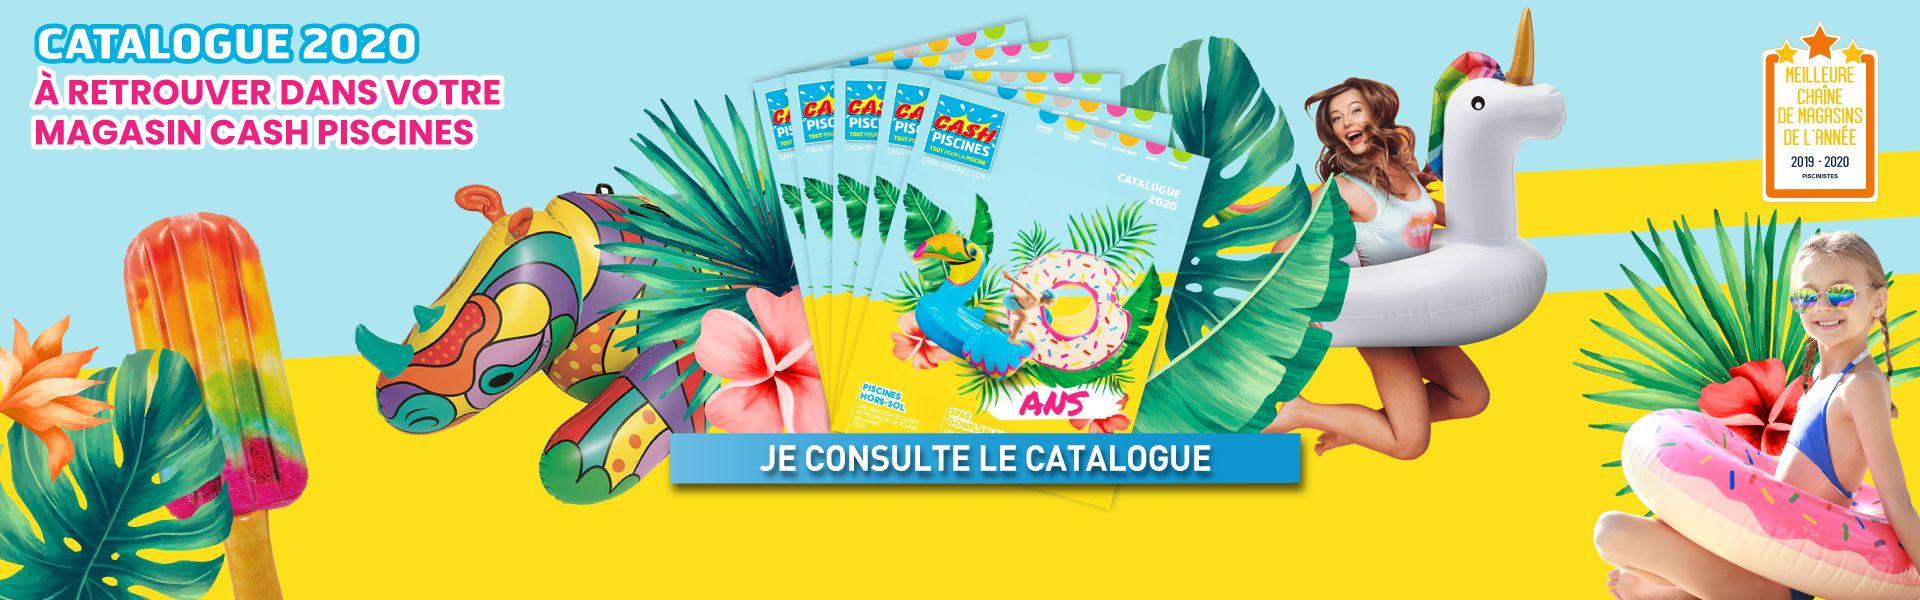 Cash Piscines - Tout Pour La Piscine & Spas Gonflables ... concernant Cash Piscine Narbonne